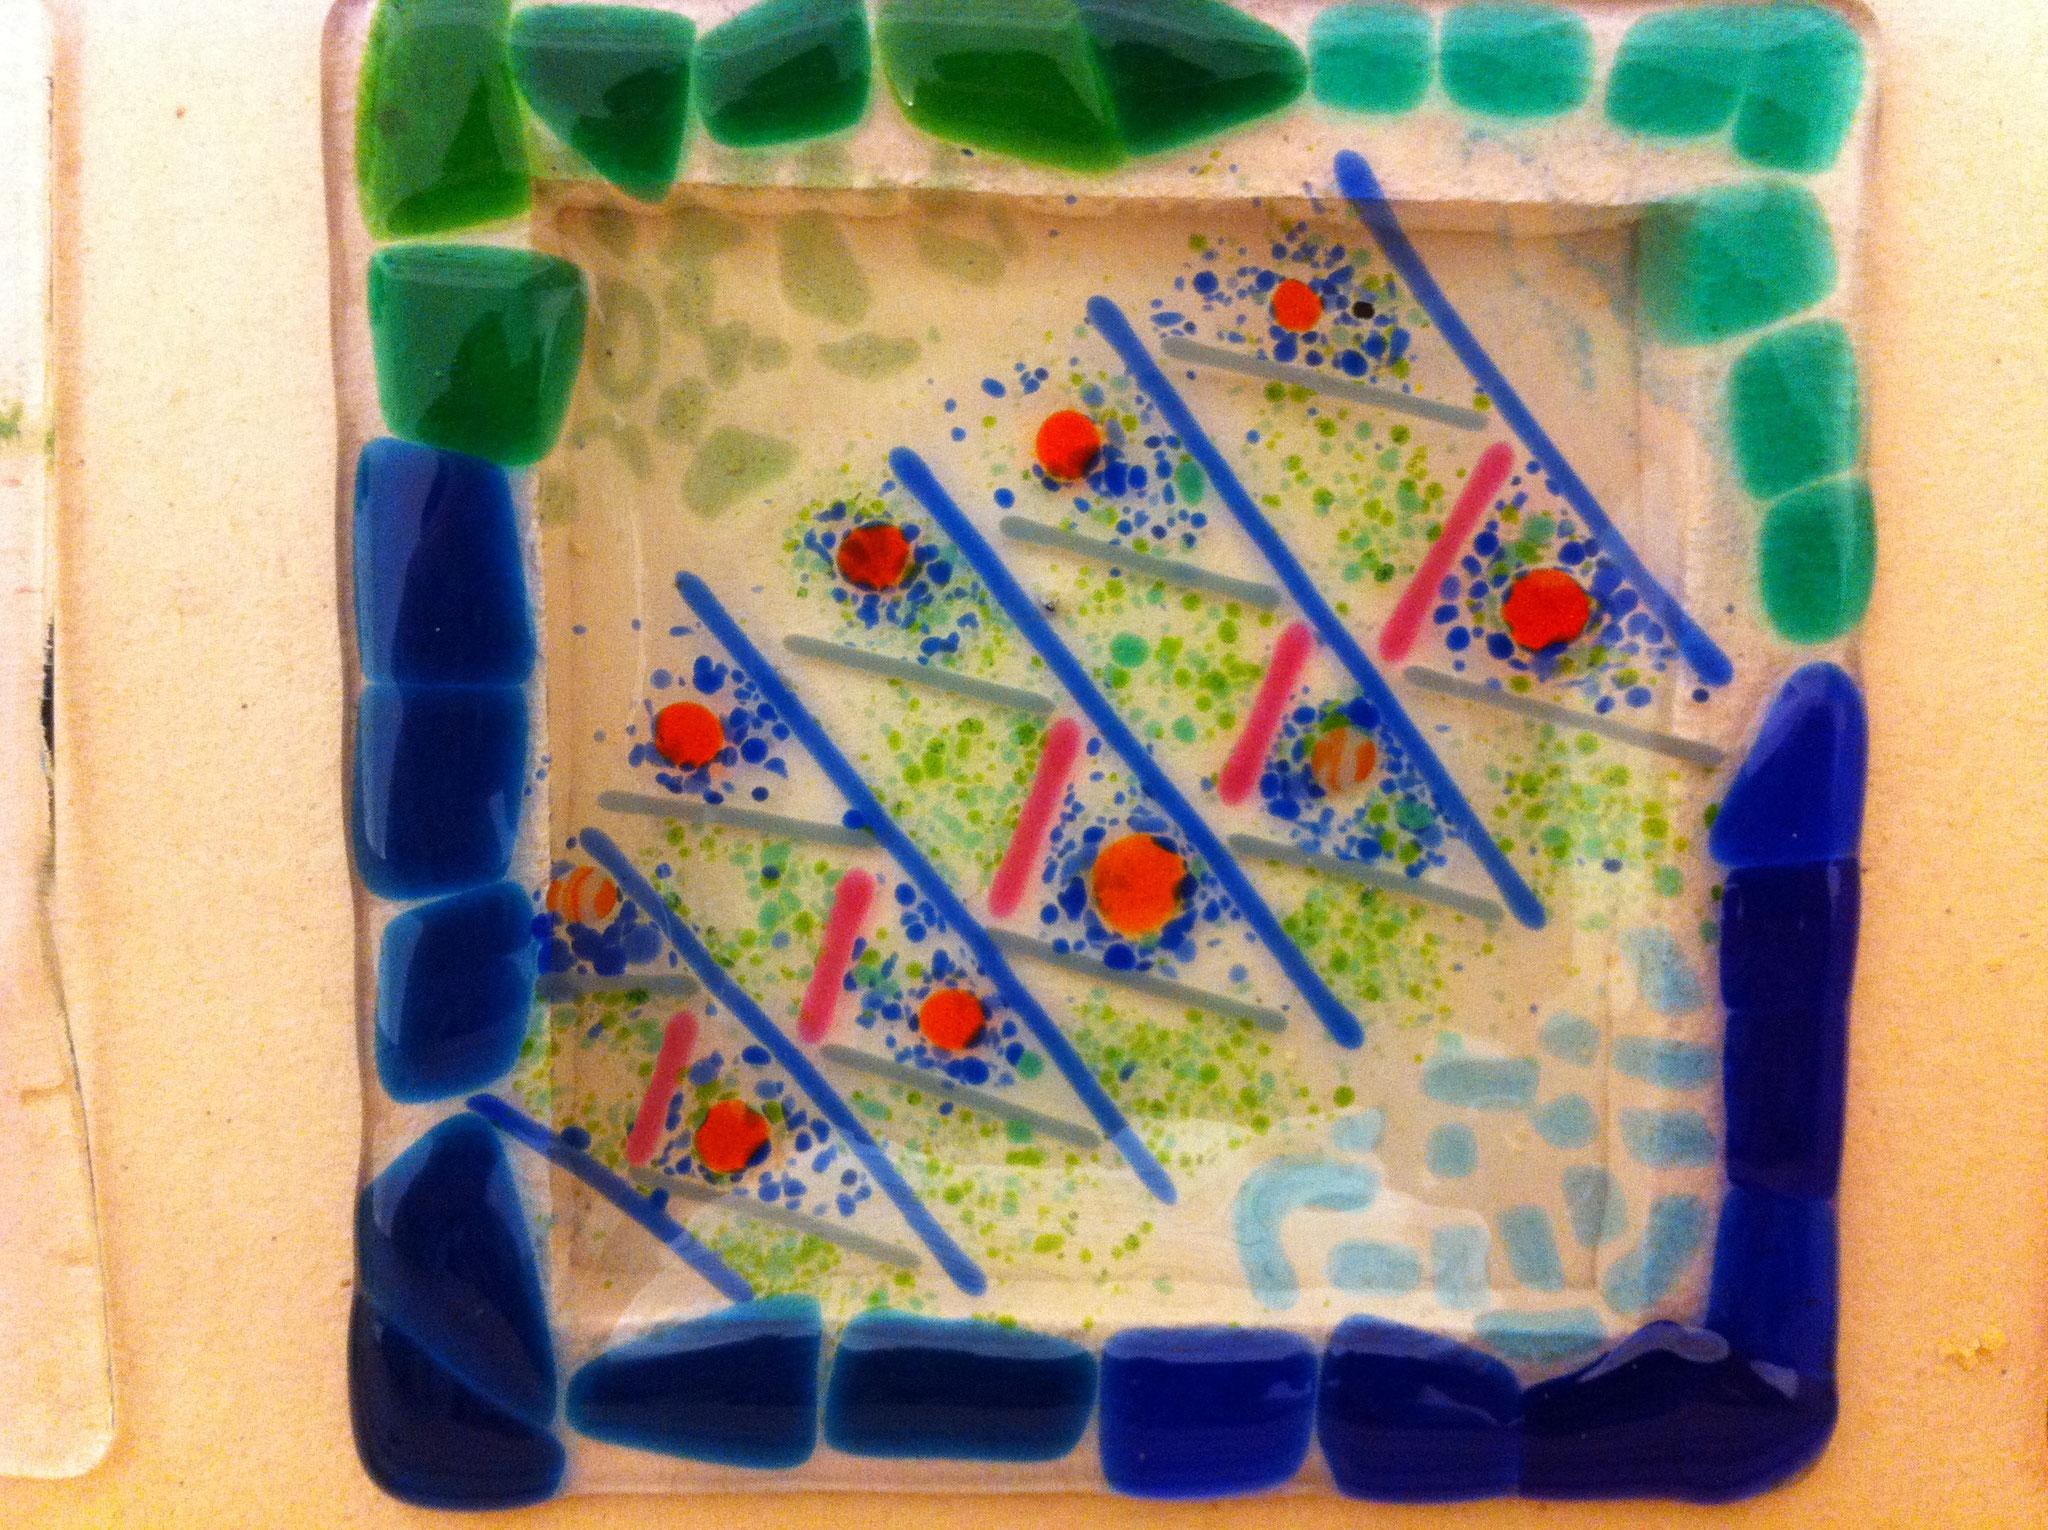 Schale aus Glas mit symmetrischem Motiv